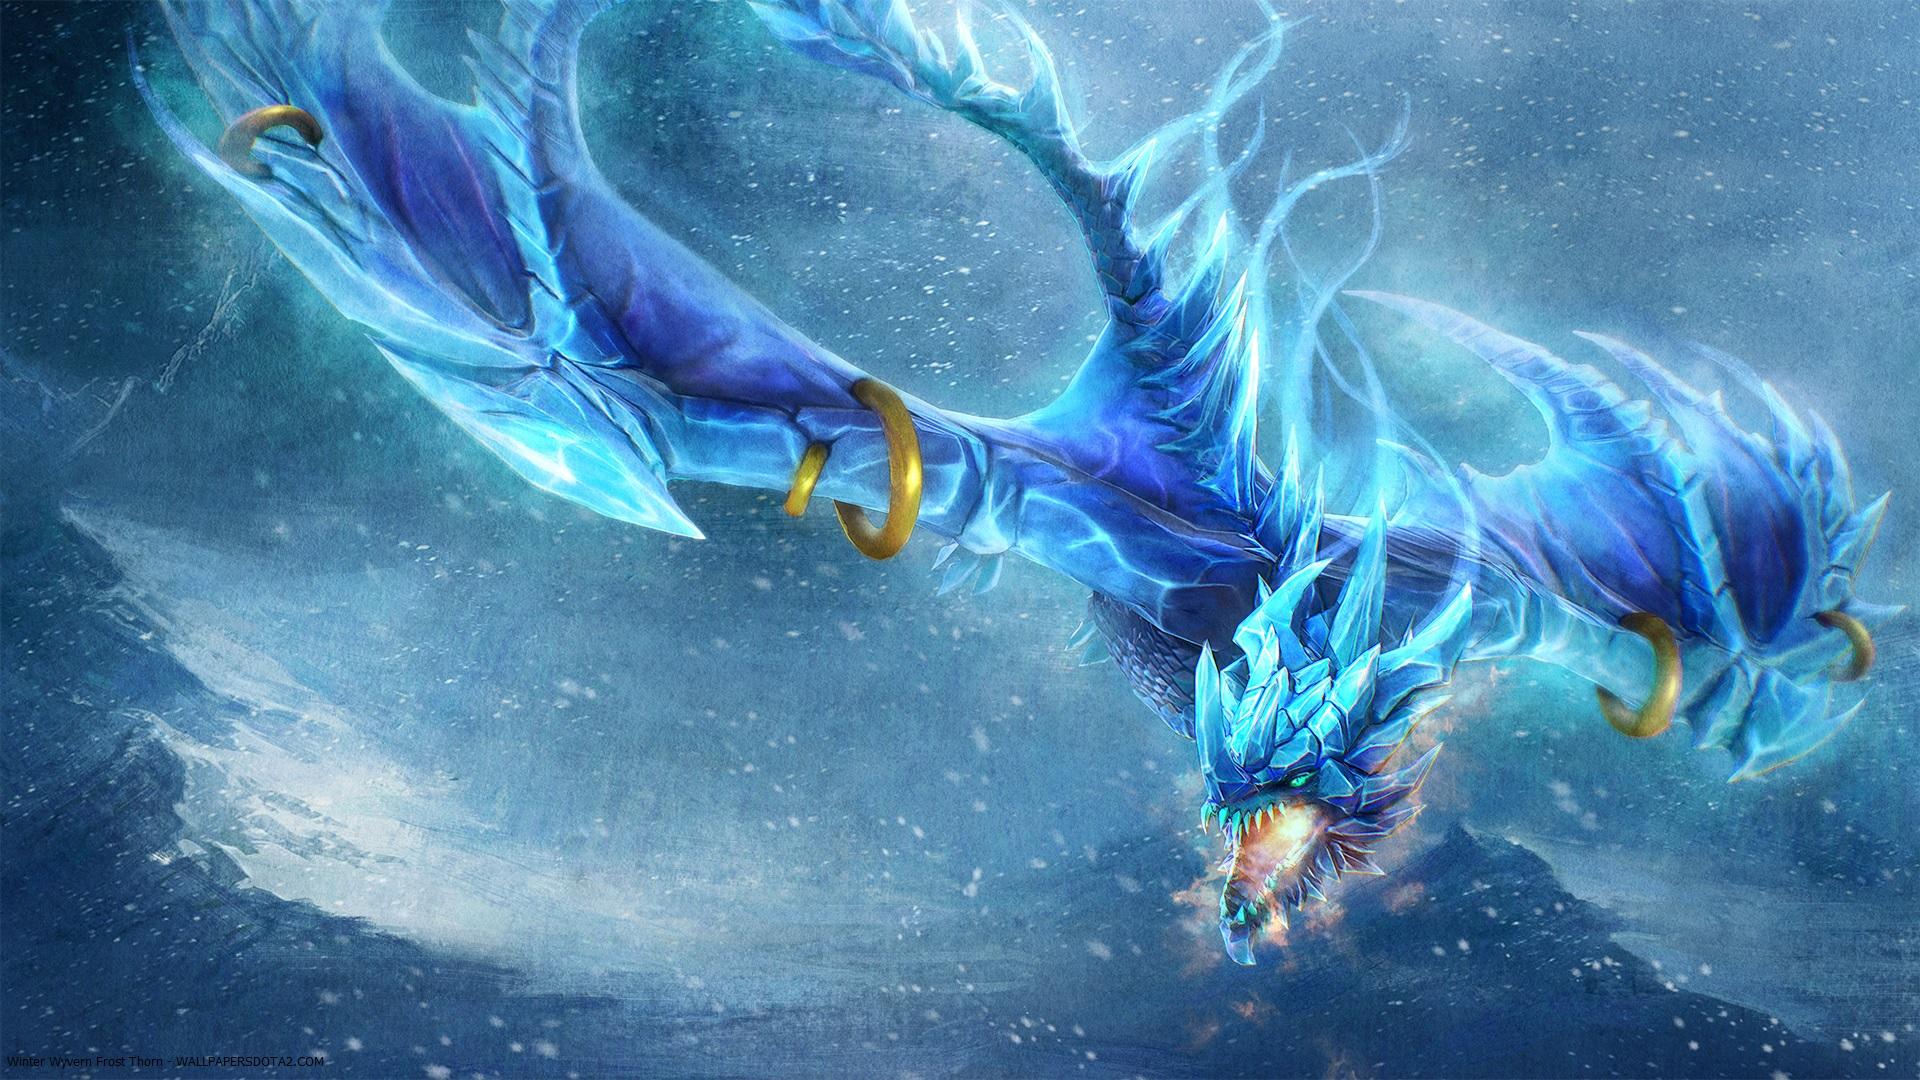 Winter Wyvern Frost Thorn